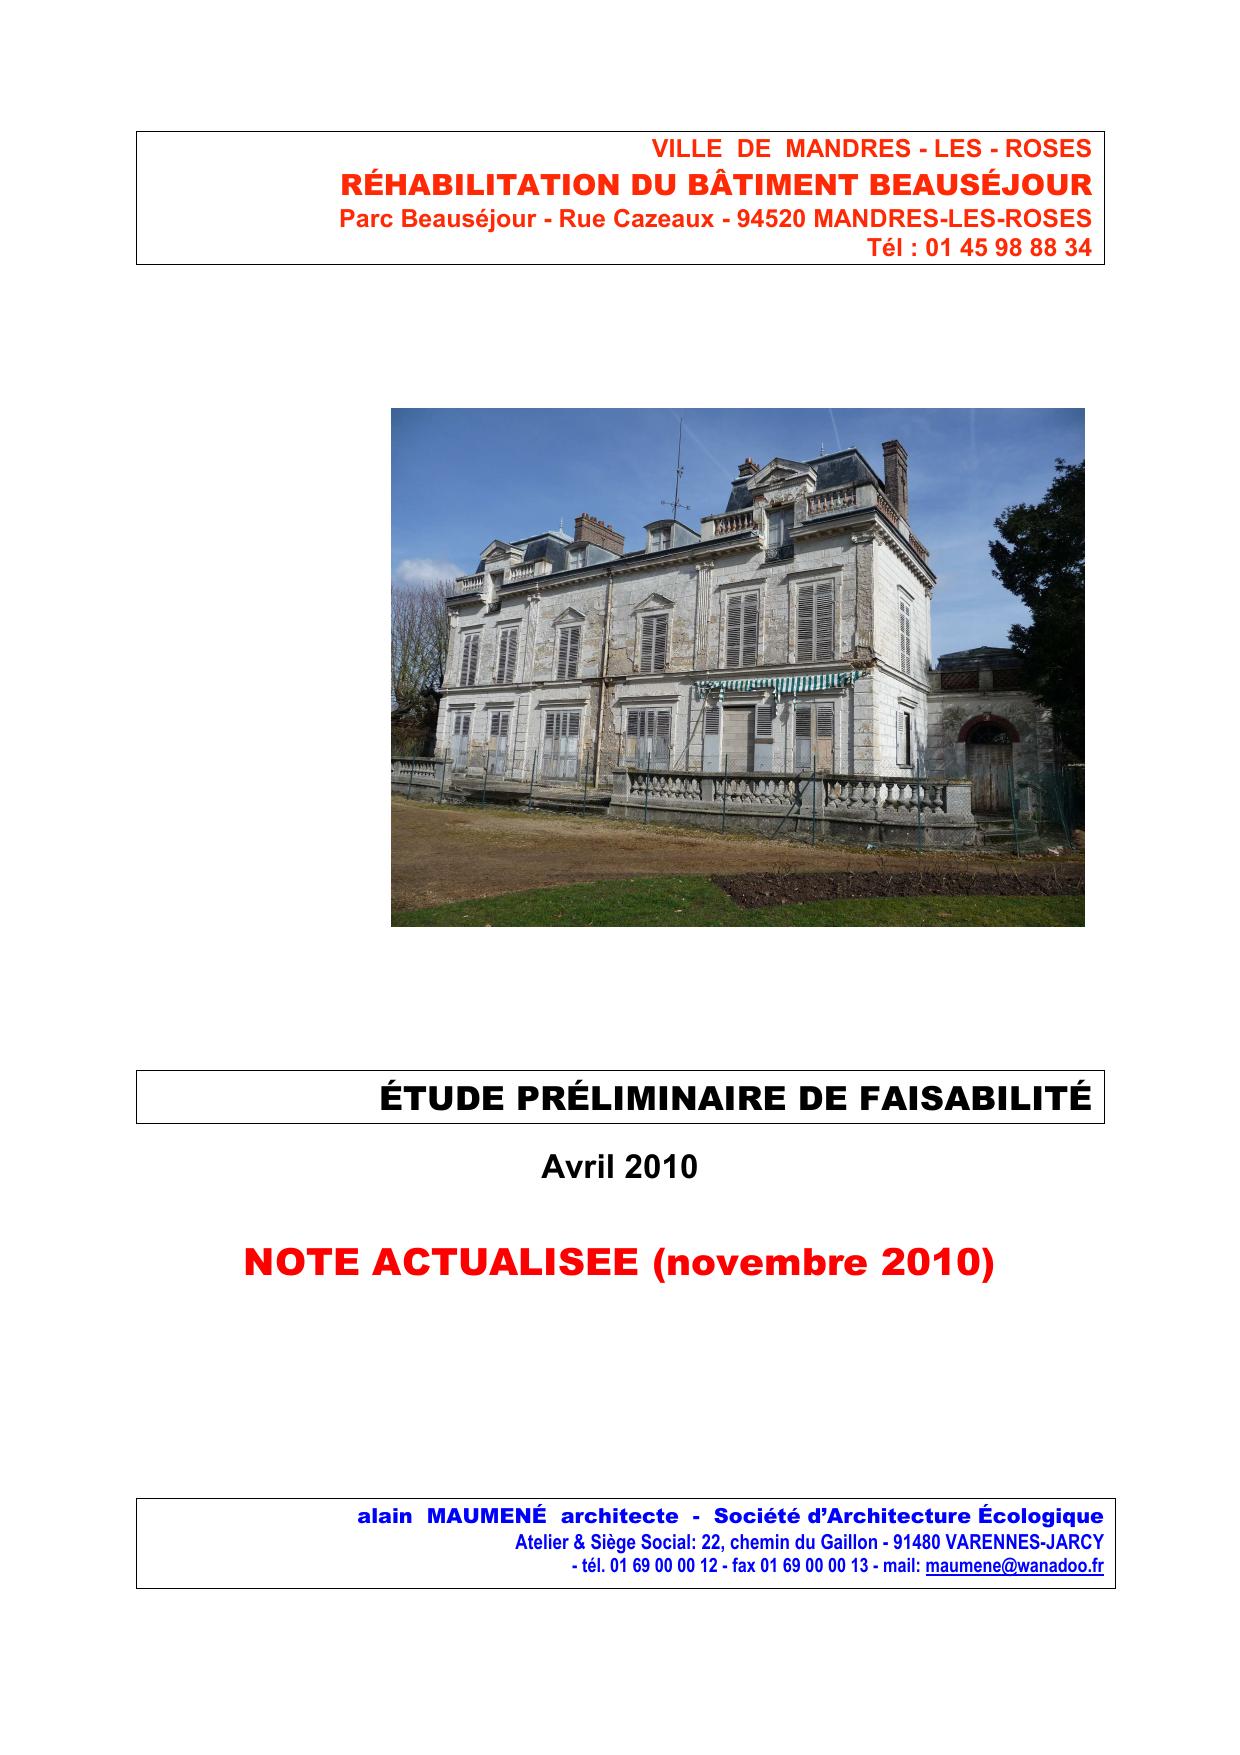 Bois Rétifié Prix M2 rÉhabilitation du bÂtiment beausÉjour